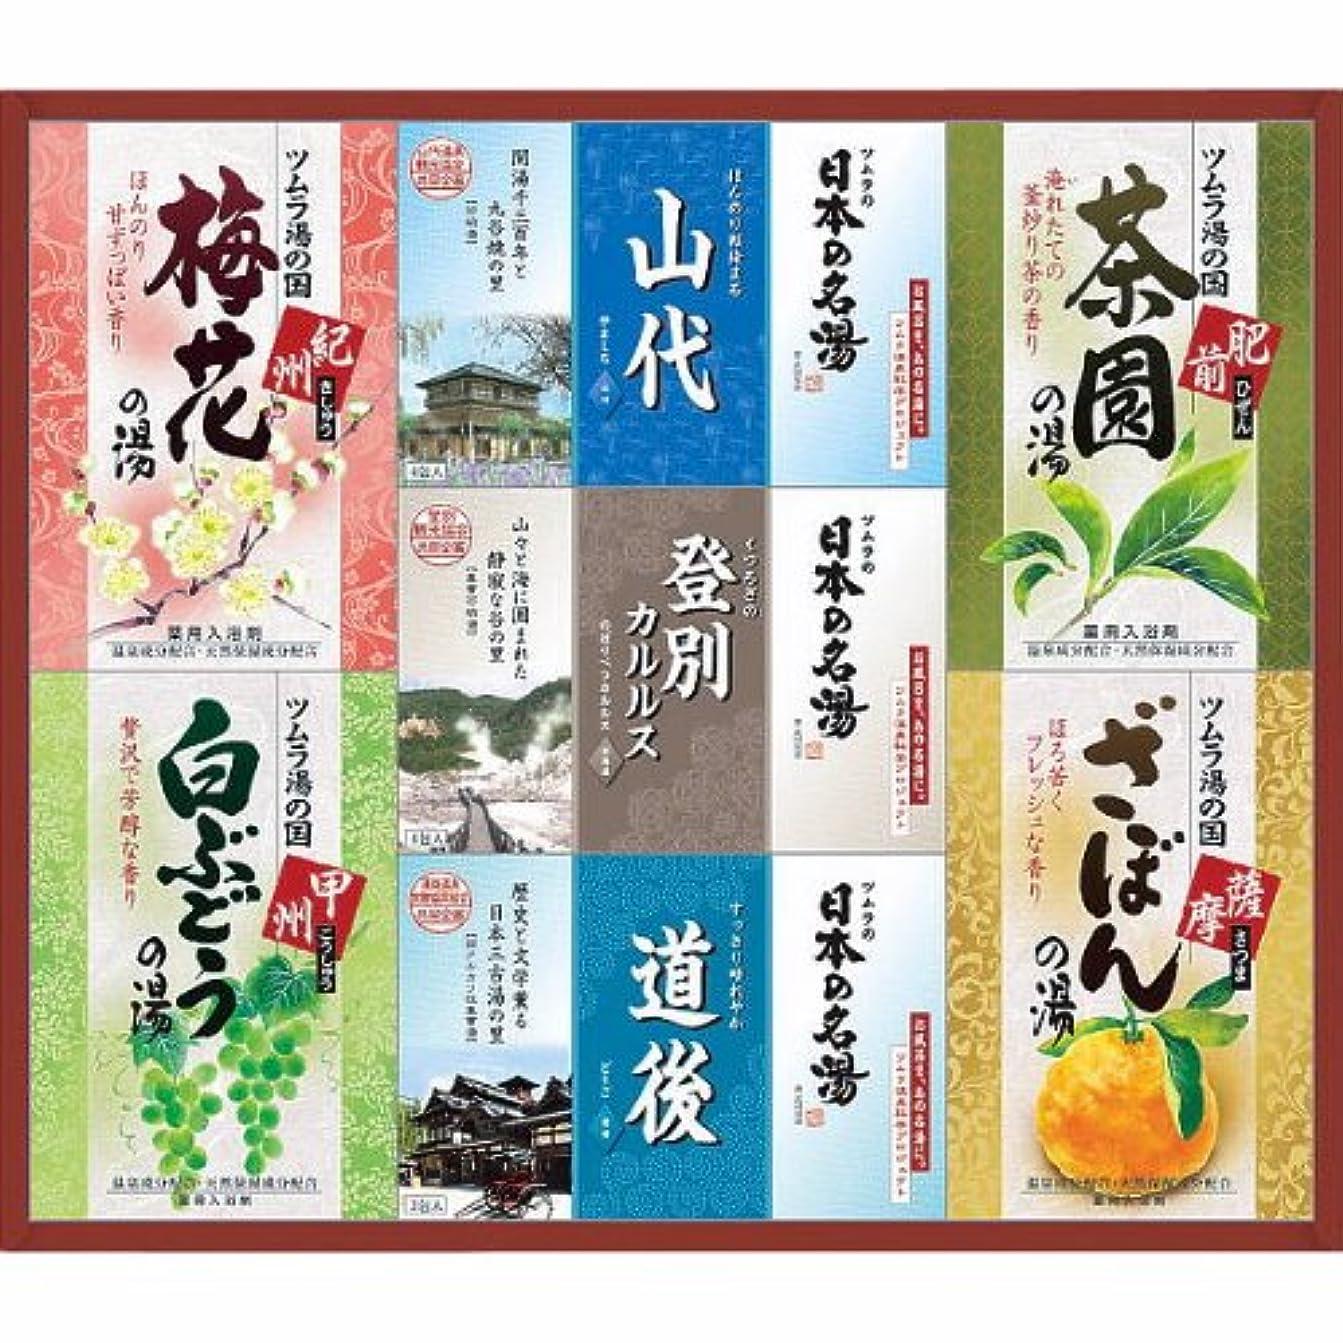 退化する甲虫夏ツムラの名湯 湯の国ギフト(入浴剤?入浴料)